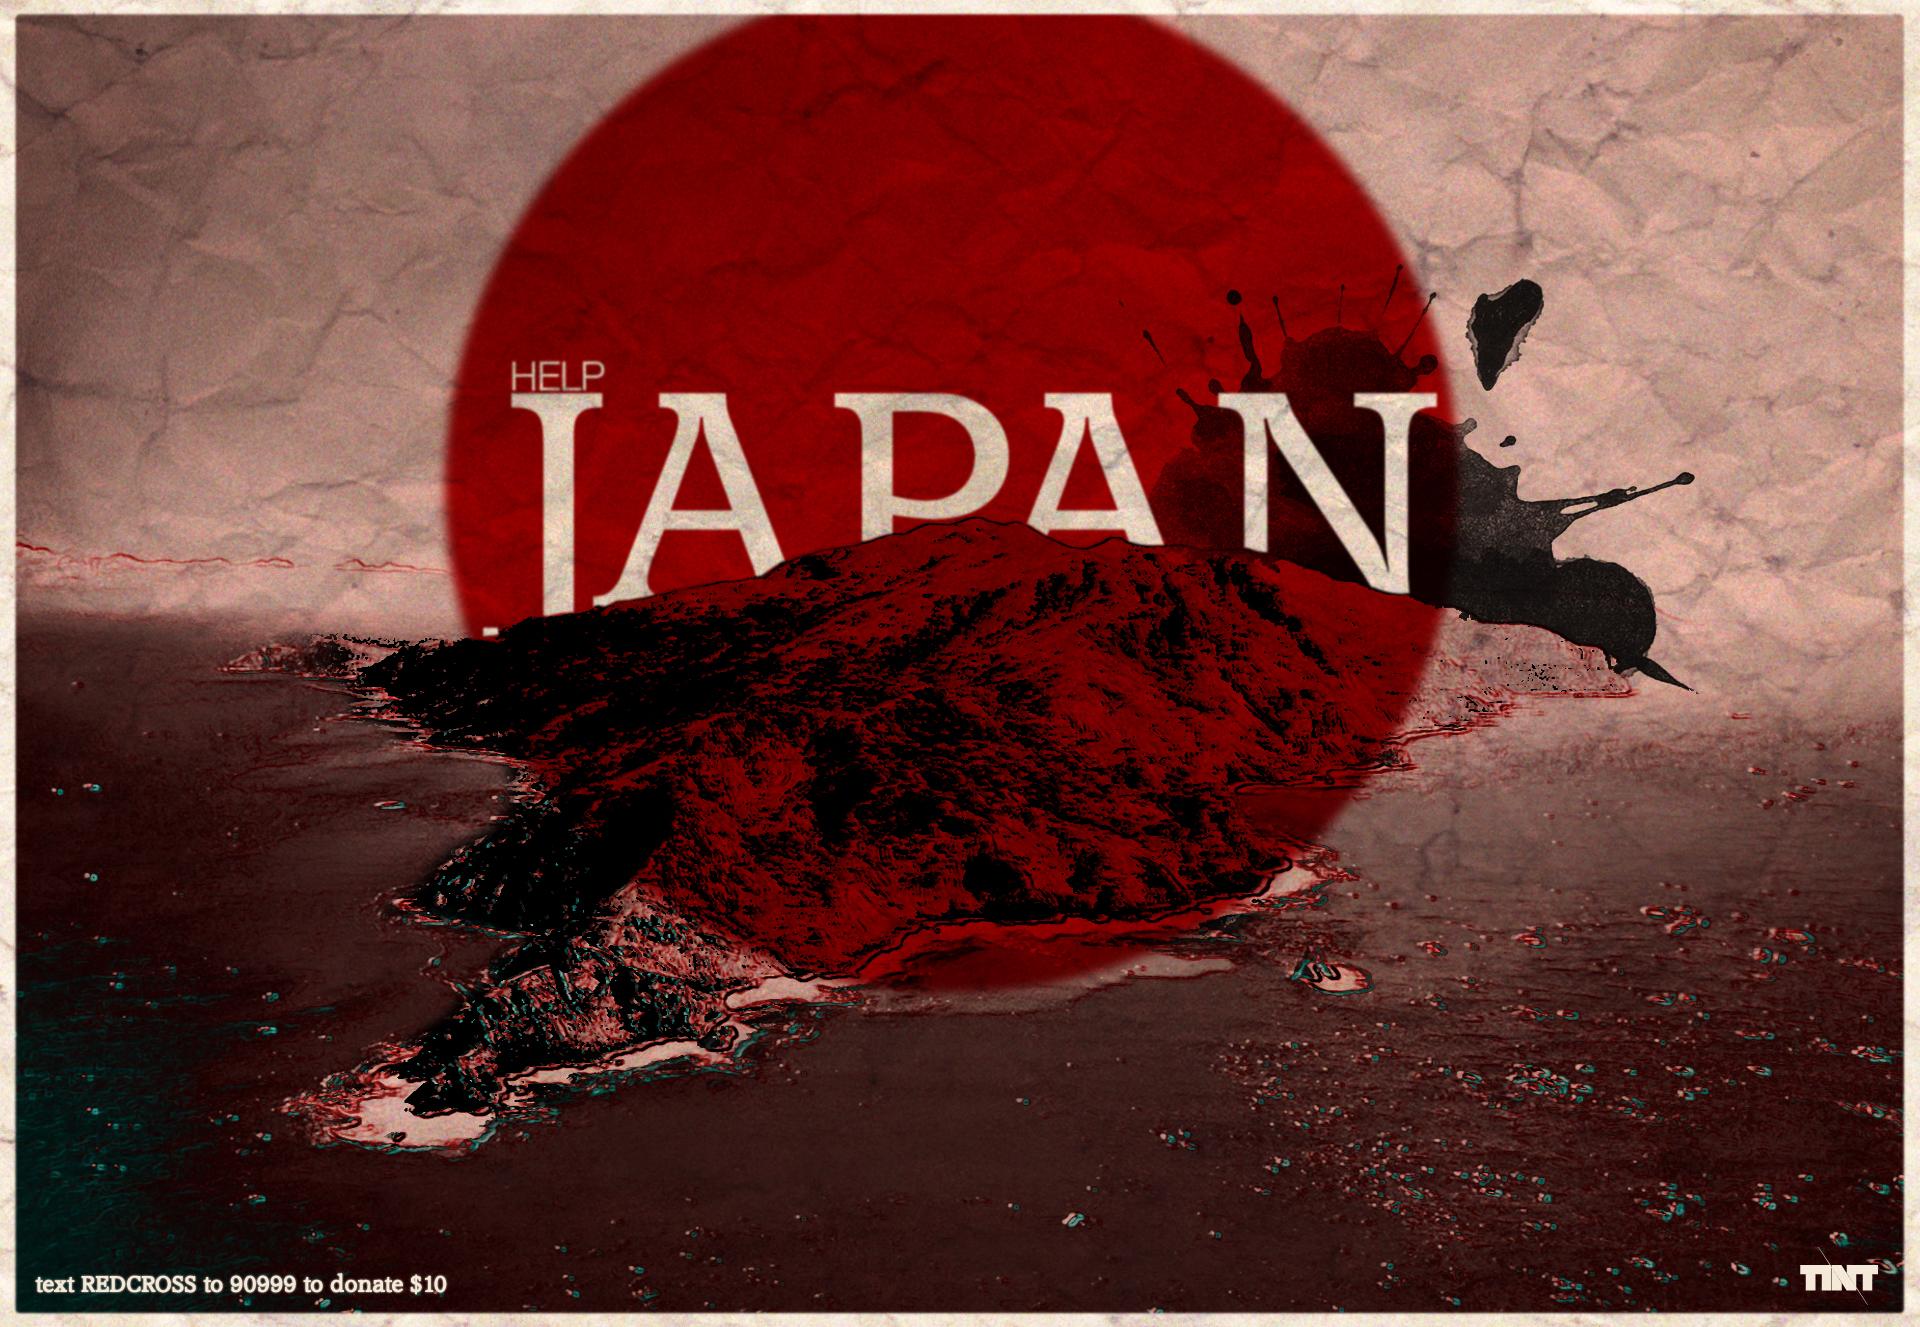 help japan wallpaper by slicknog on deviantart